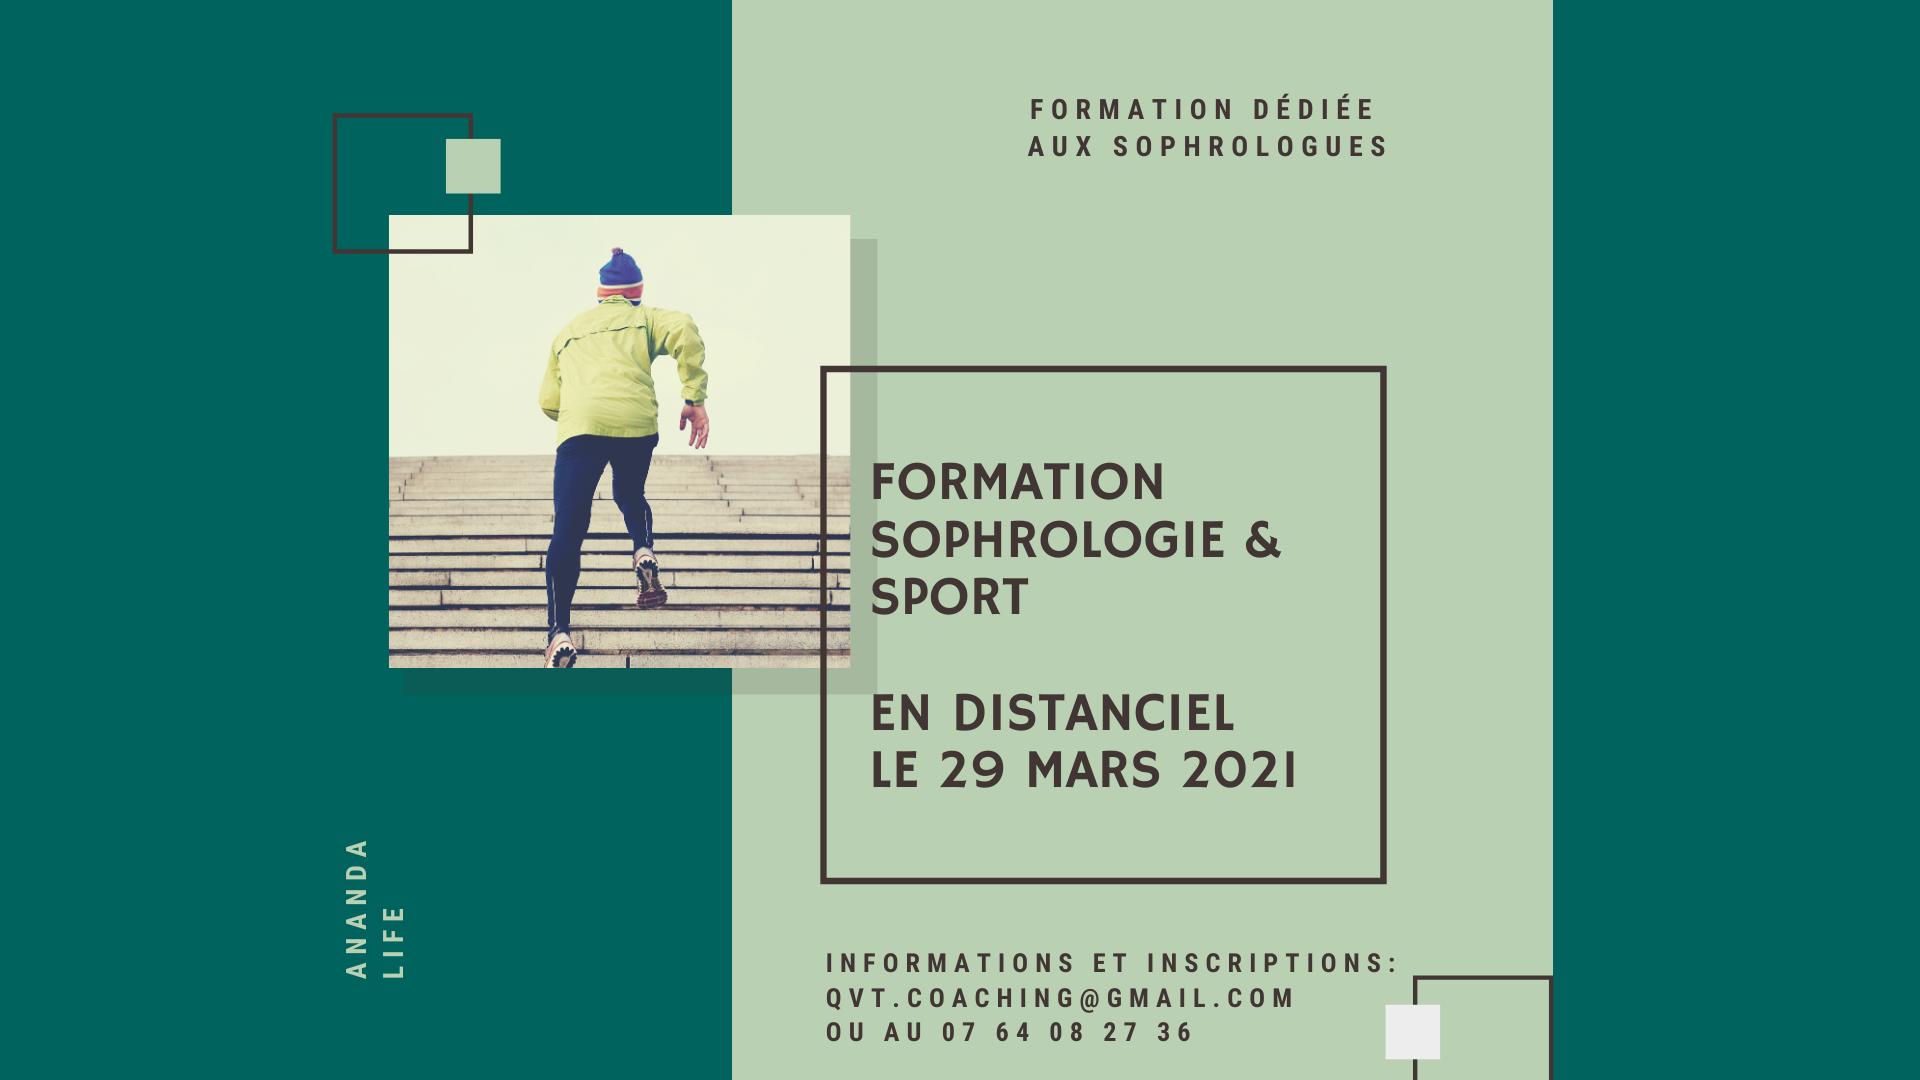 Sophrologie & sport – 29 mars 2021